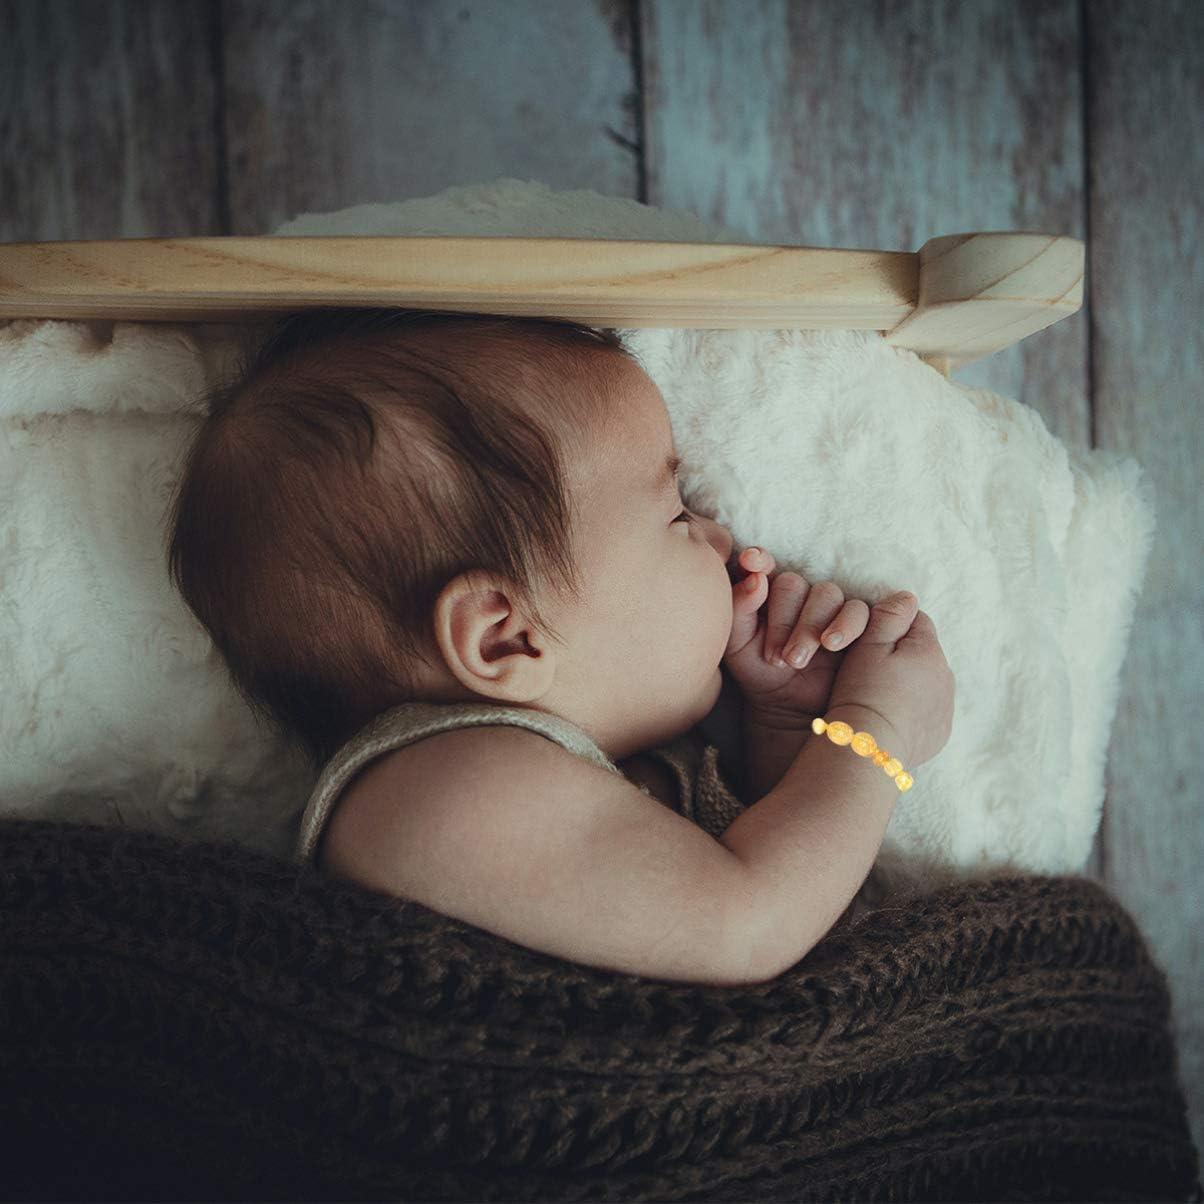 Holibanna Pulsera de /Ámbar para Beb/é Tobillera Pulsera de Dentici/ón de /Ámbar B/áltico Natural Reci/én Nacida para Dientes de Dolor de Muelas Regalos de Baby Shower para Beb/és Estilo 1